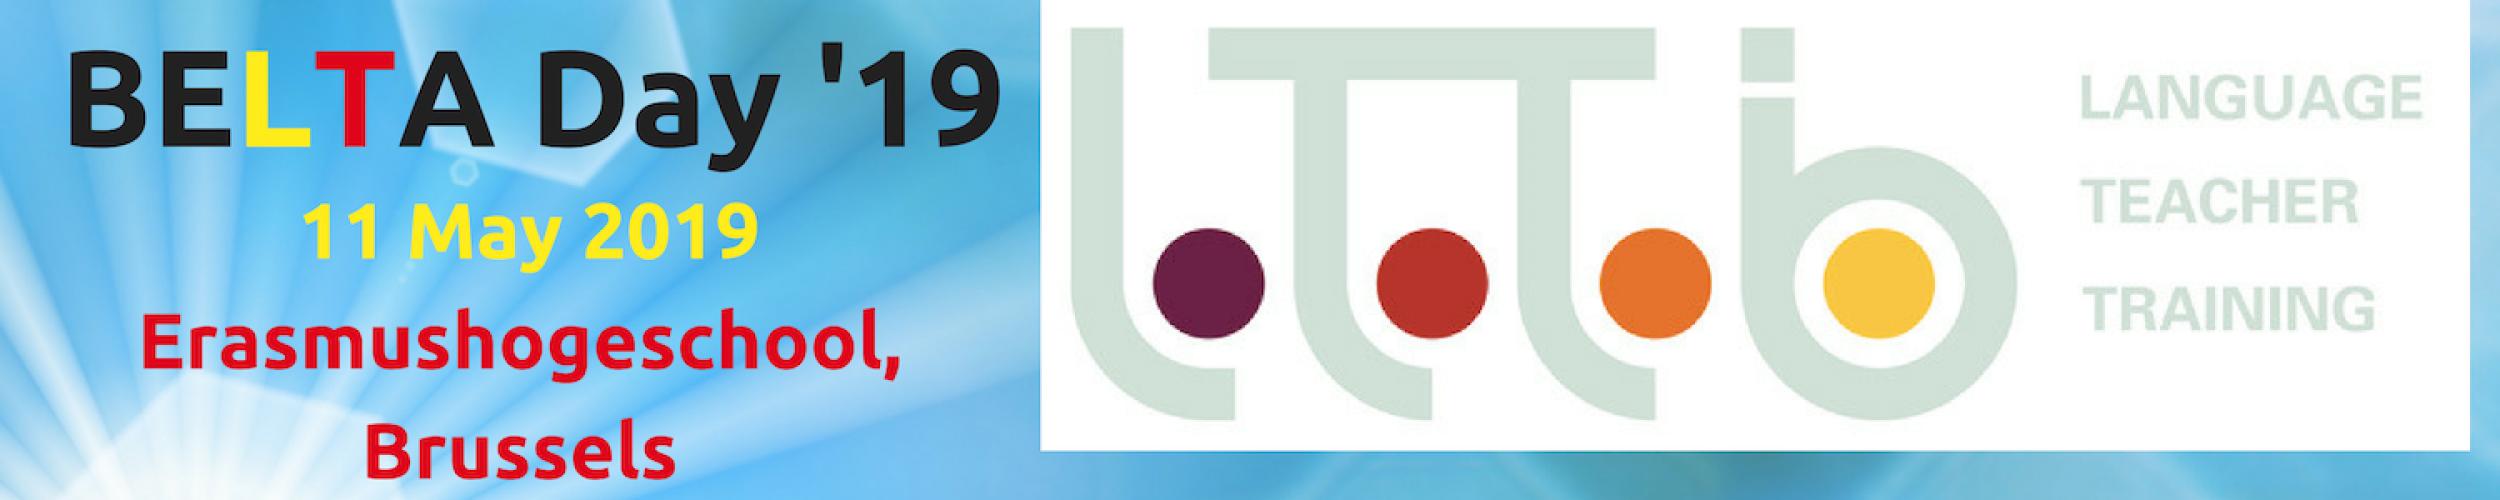 LTTB Article